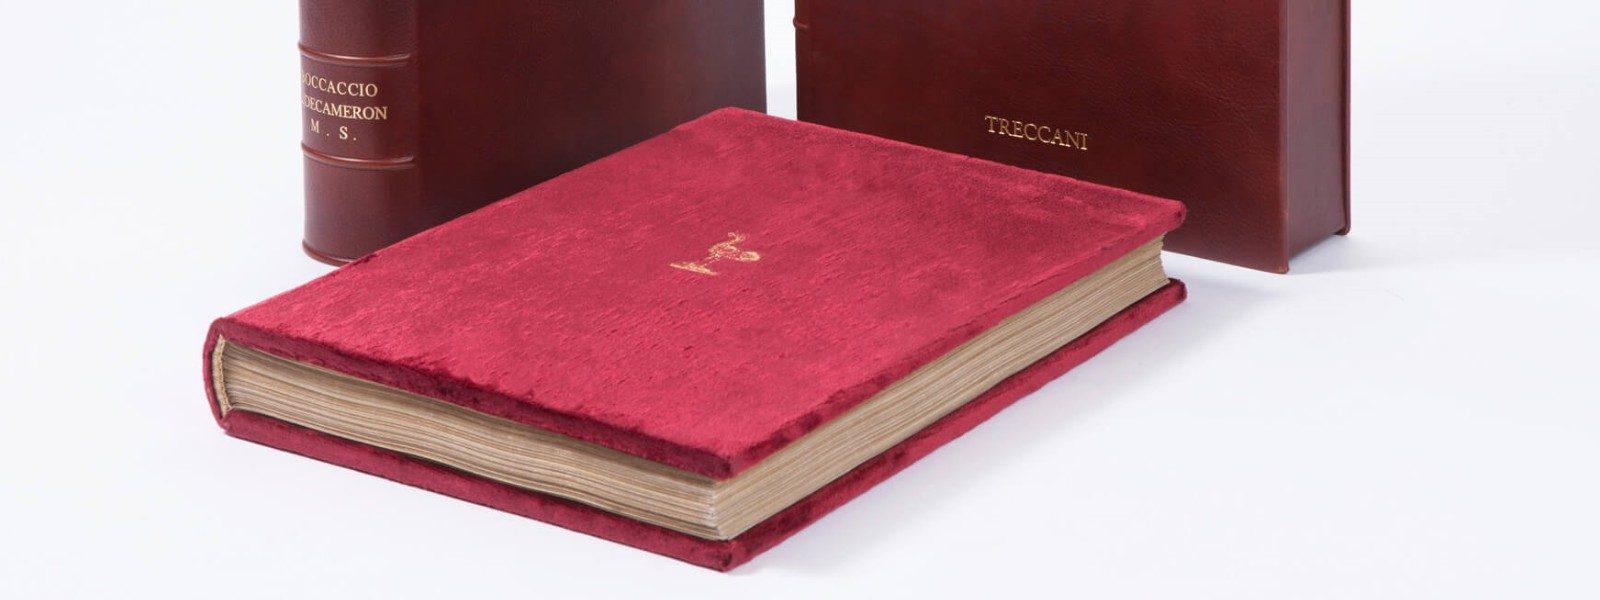 La stampa di manoscritti in fac simile per la realizzazione di opere mozzafiato